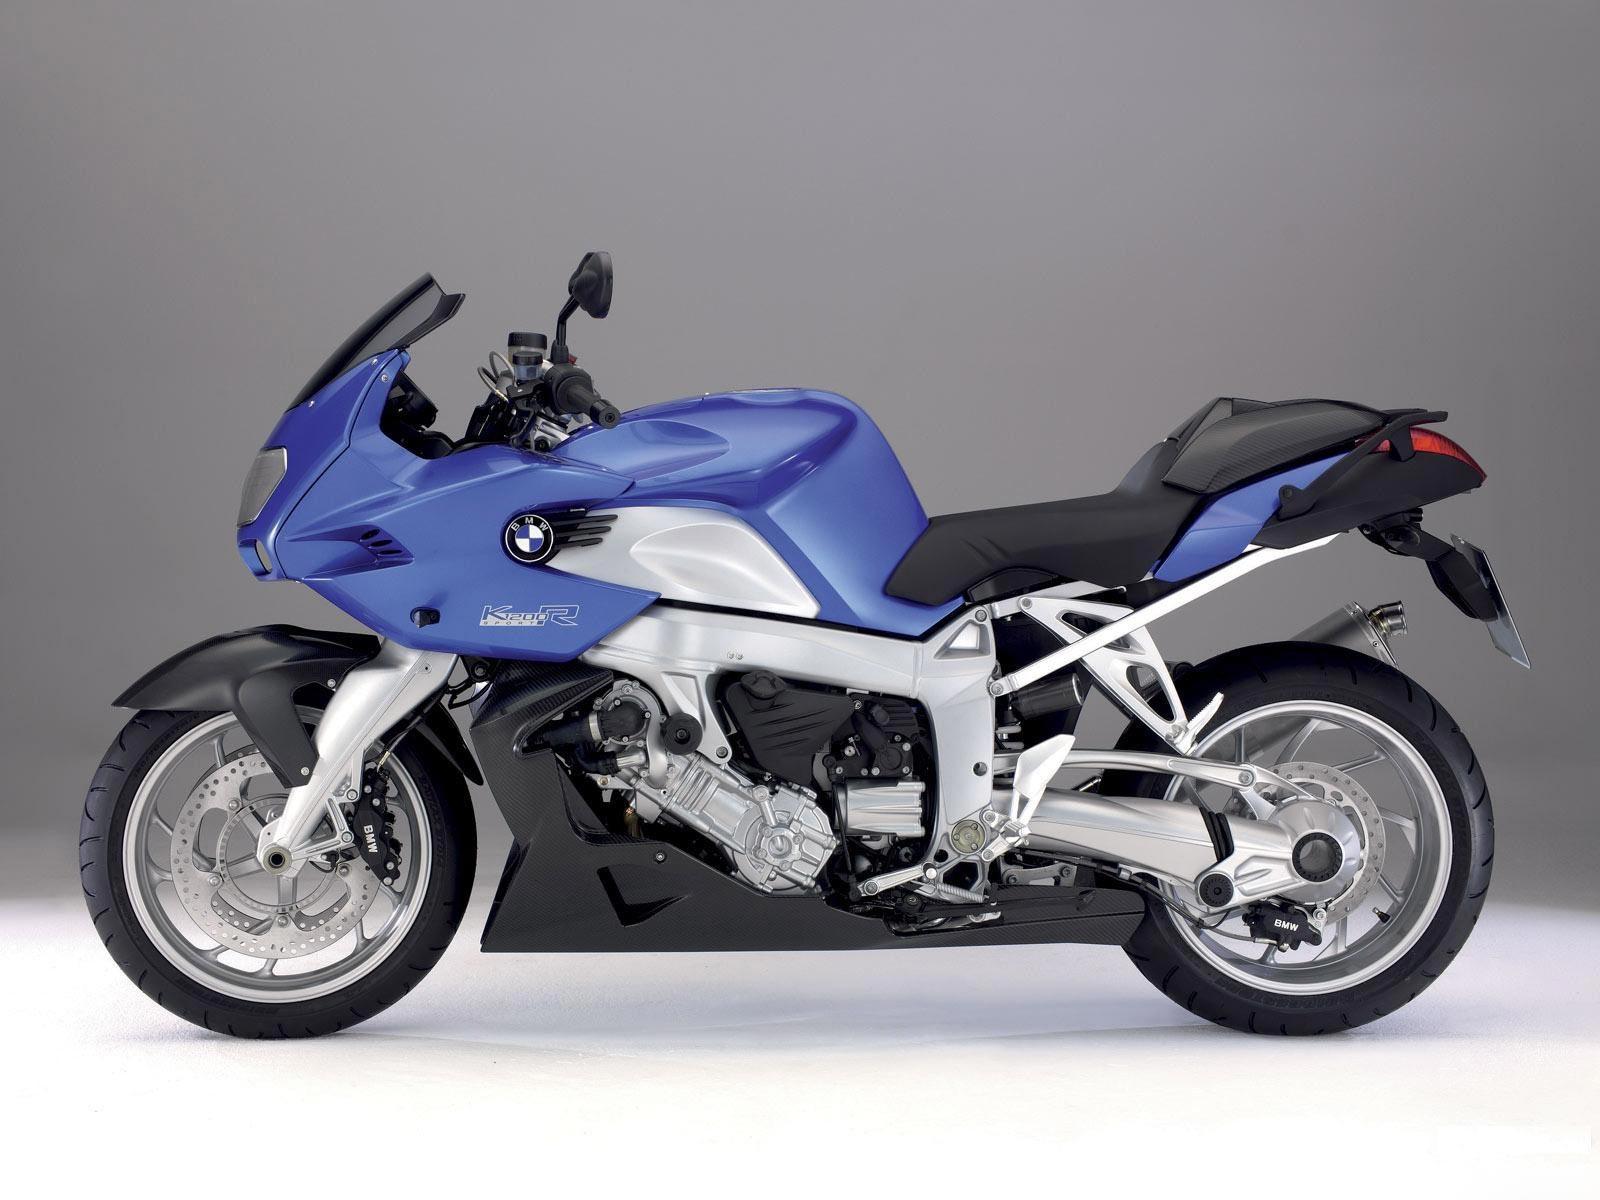 2004-2007 BMW K1200GT/R/R-Sport/S Motorcycle Workshop Repair